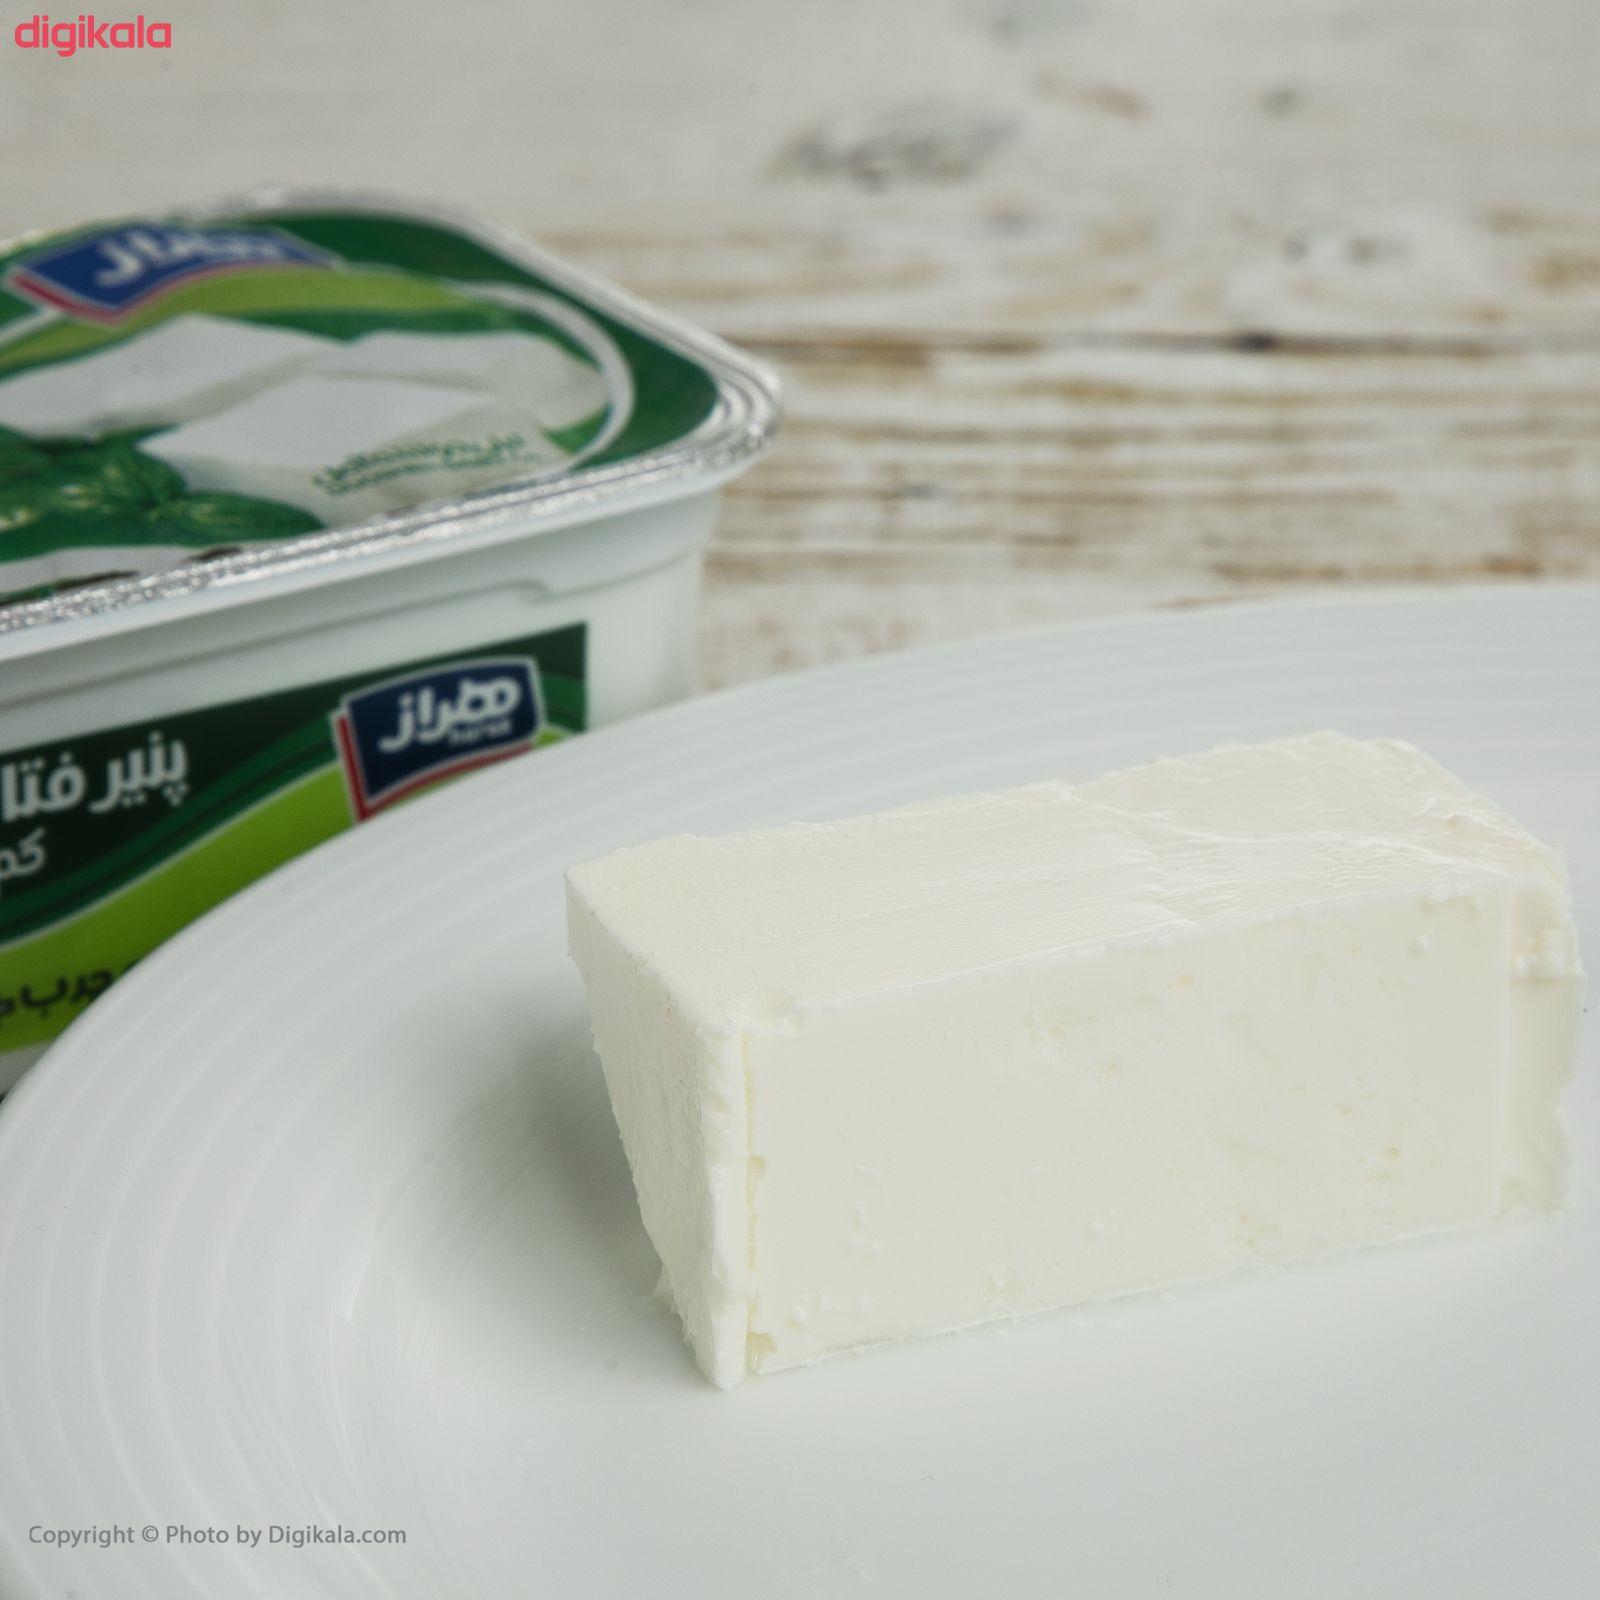 پنیر فتا دوشه کم نمک و کم چرب هراز مقدار 300 گرم main 1 7